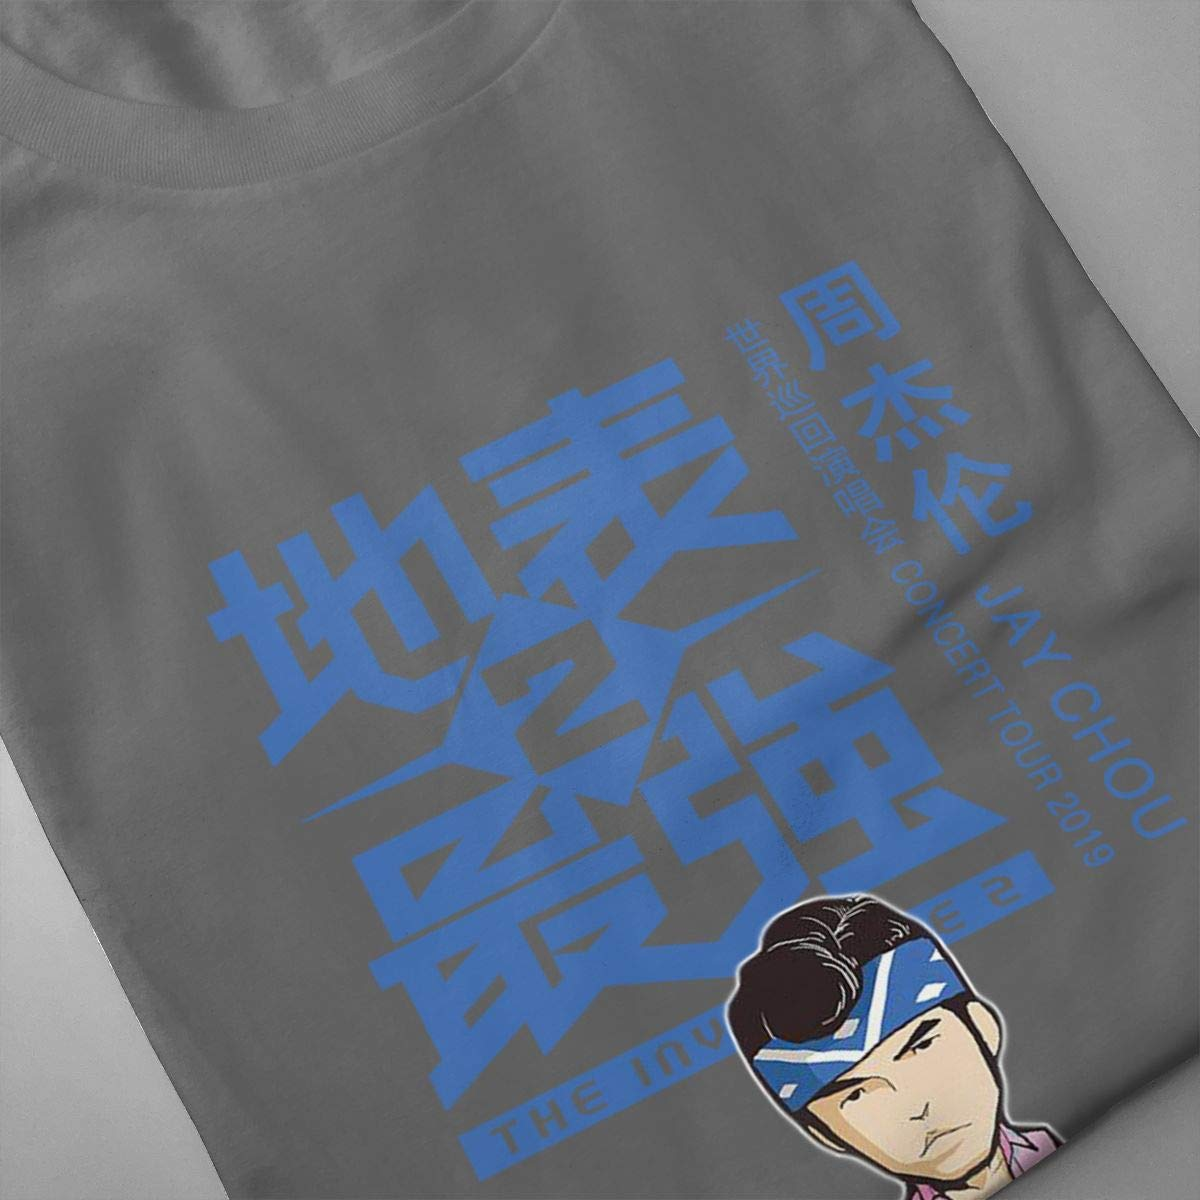 Amazon.com: ILLUSORY Jay CHOU Concert Tour 2019 O - Camiseta ...